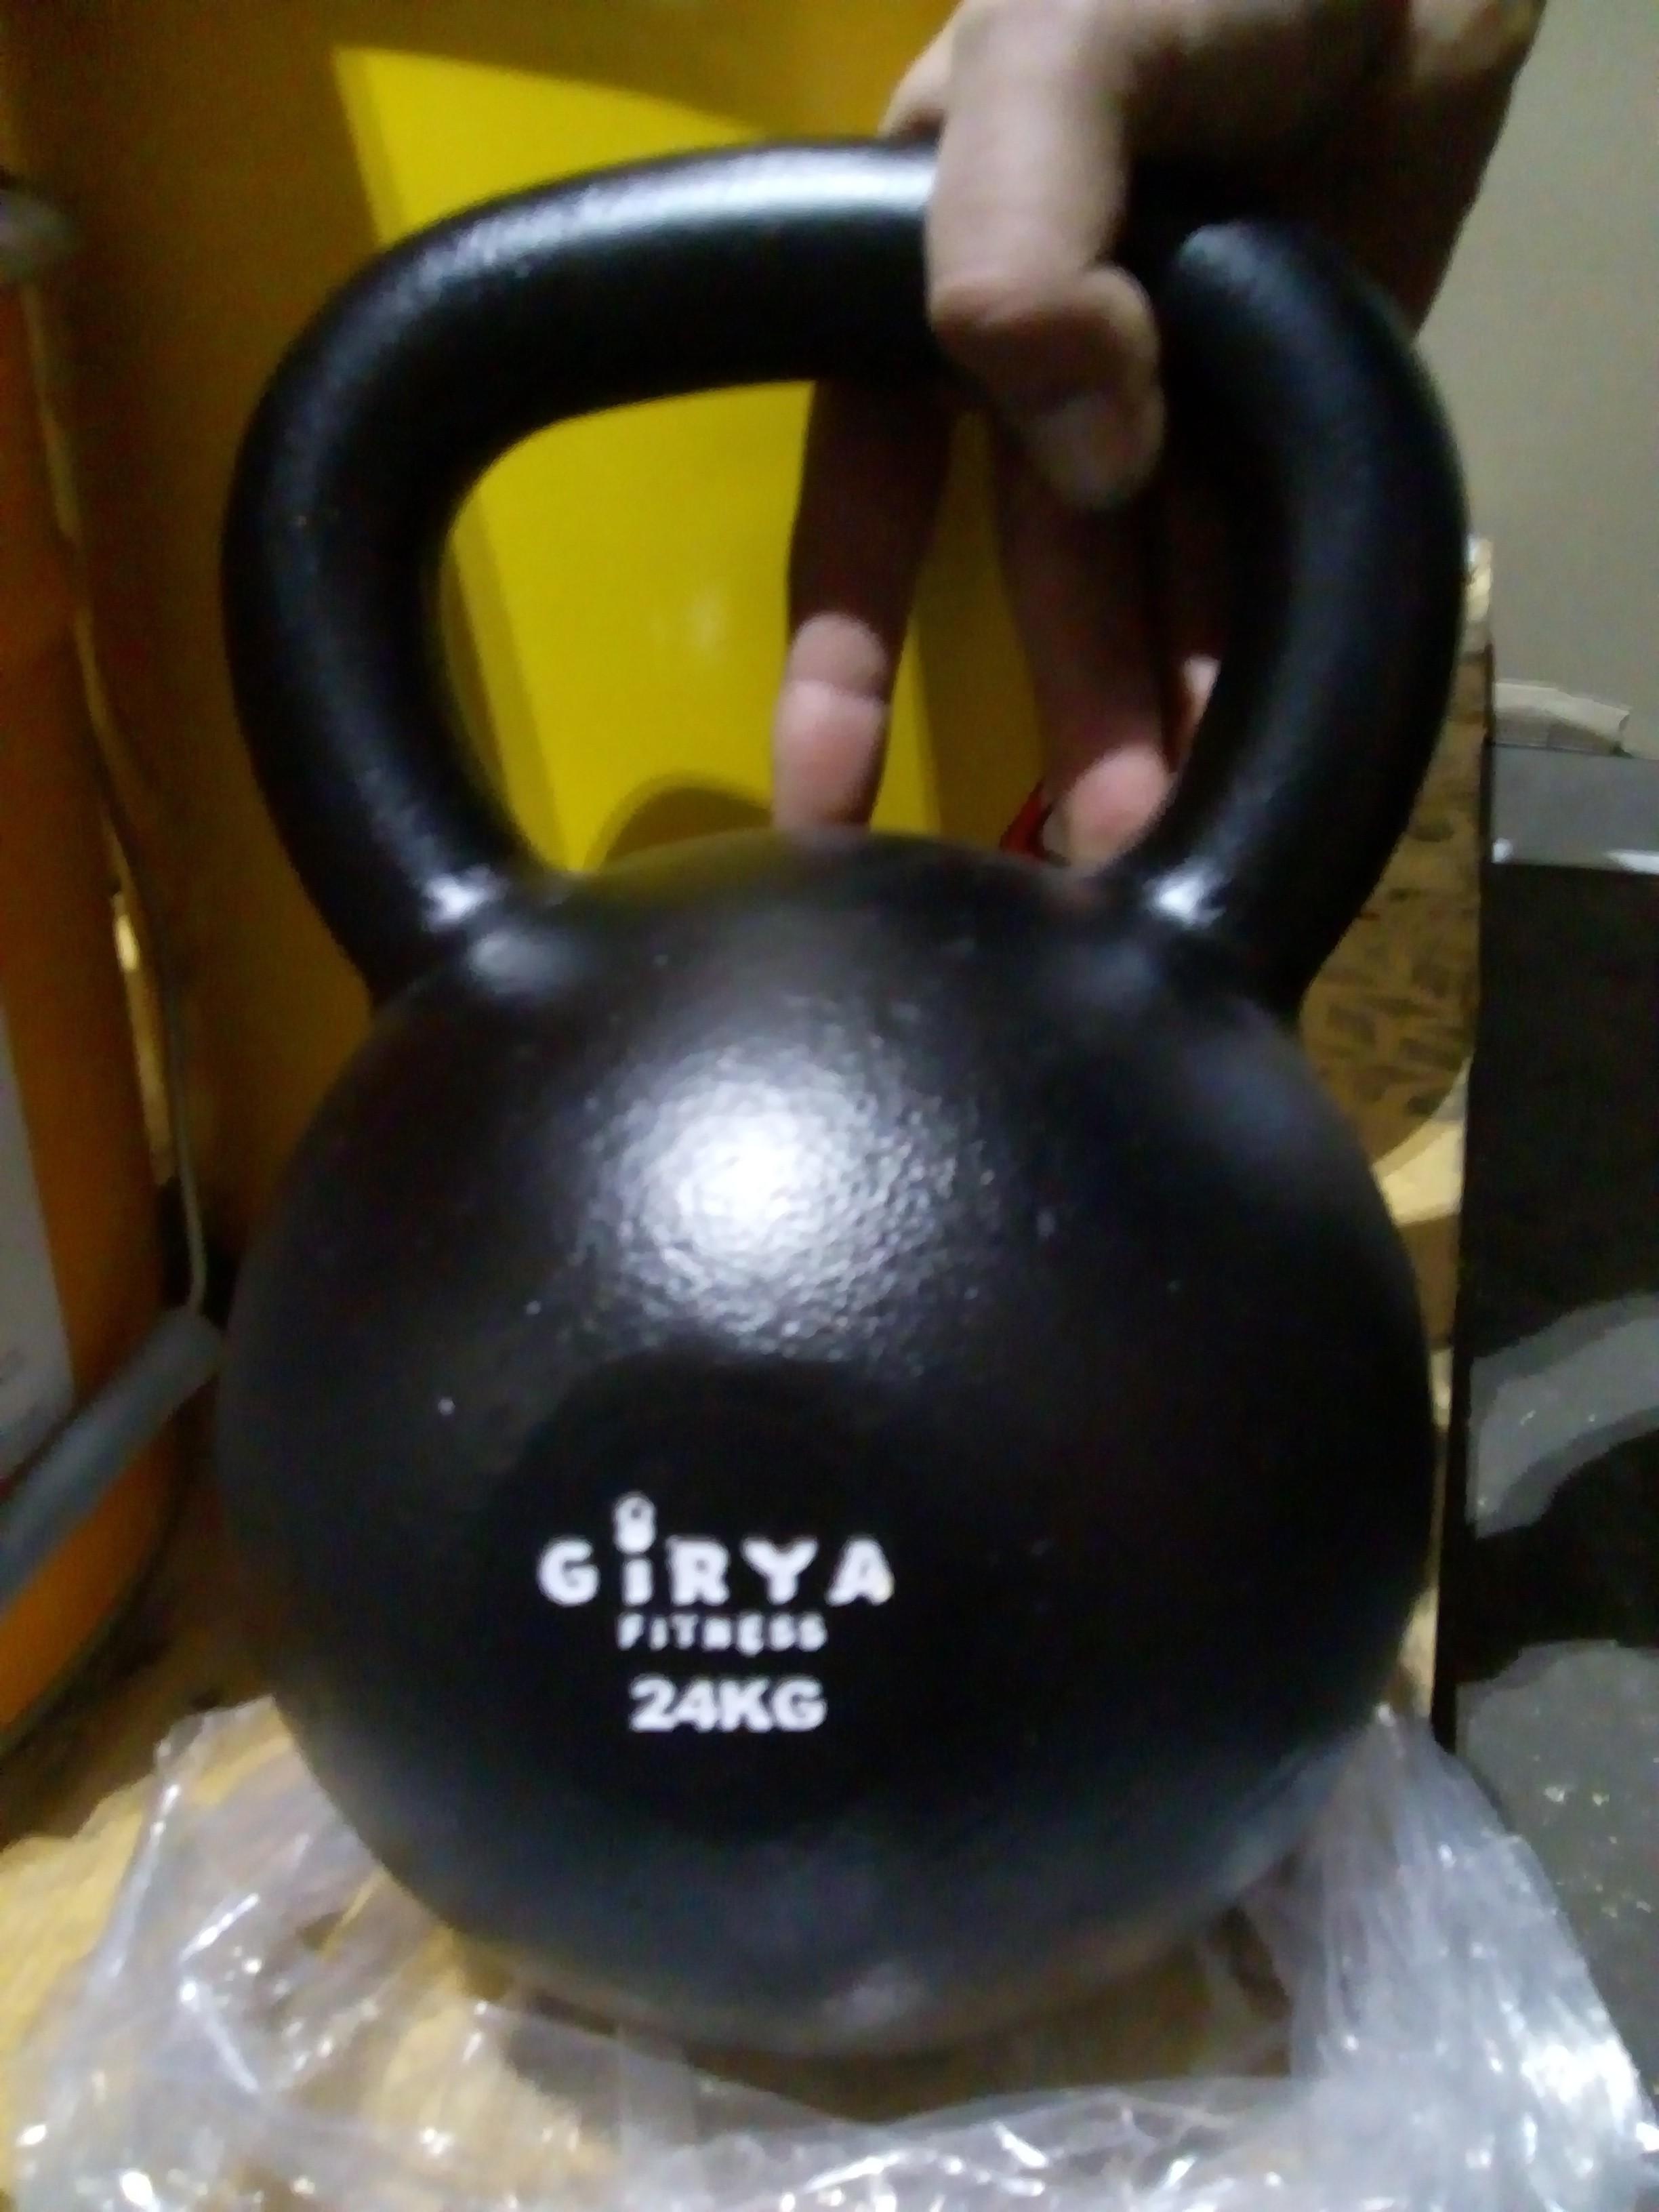 Białe Logo Girya Fitness